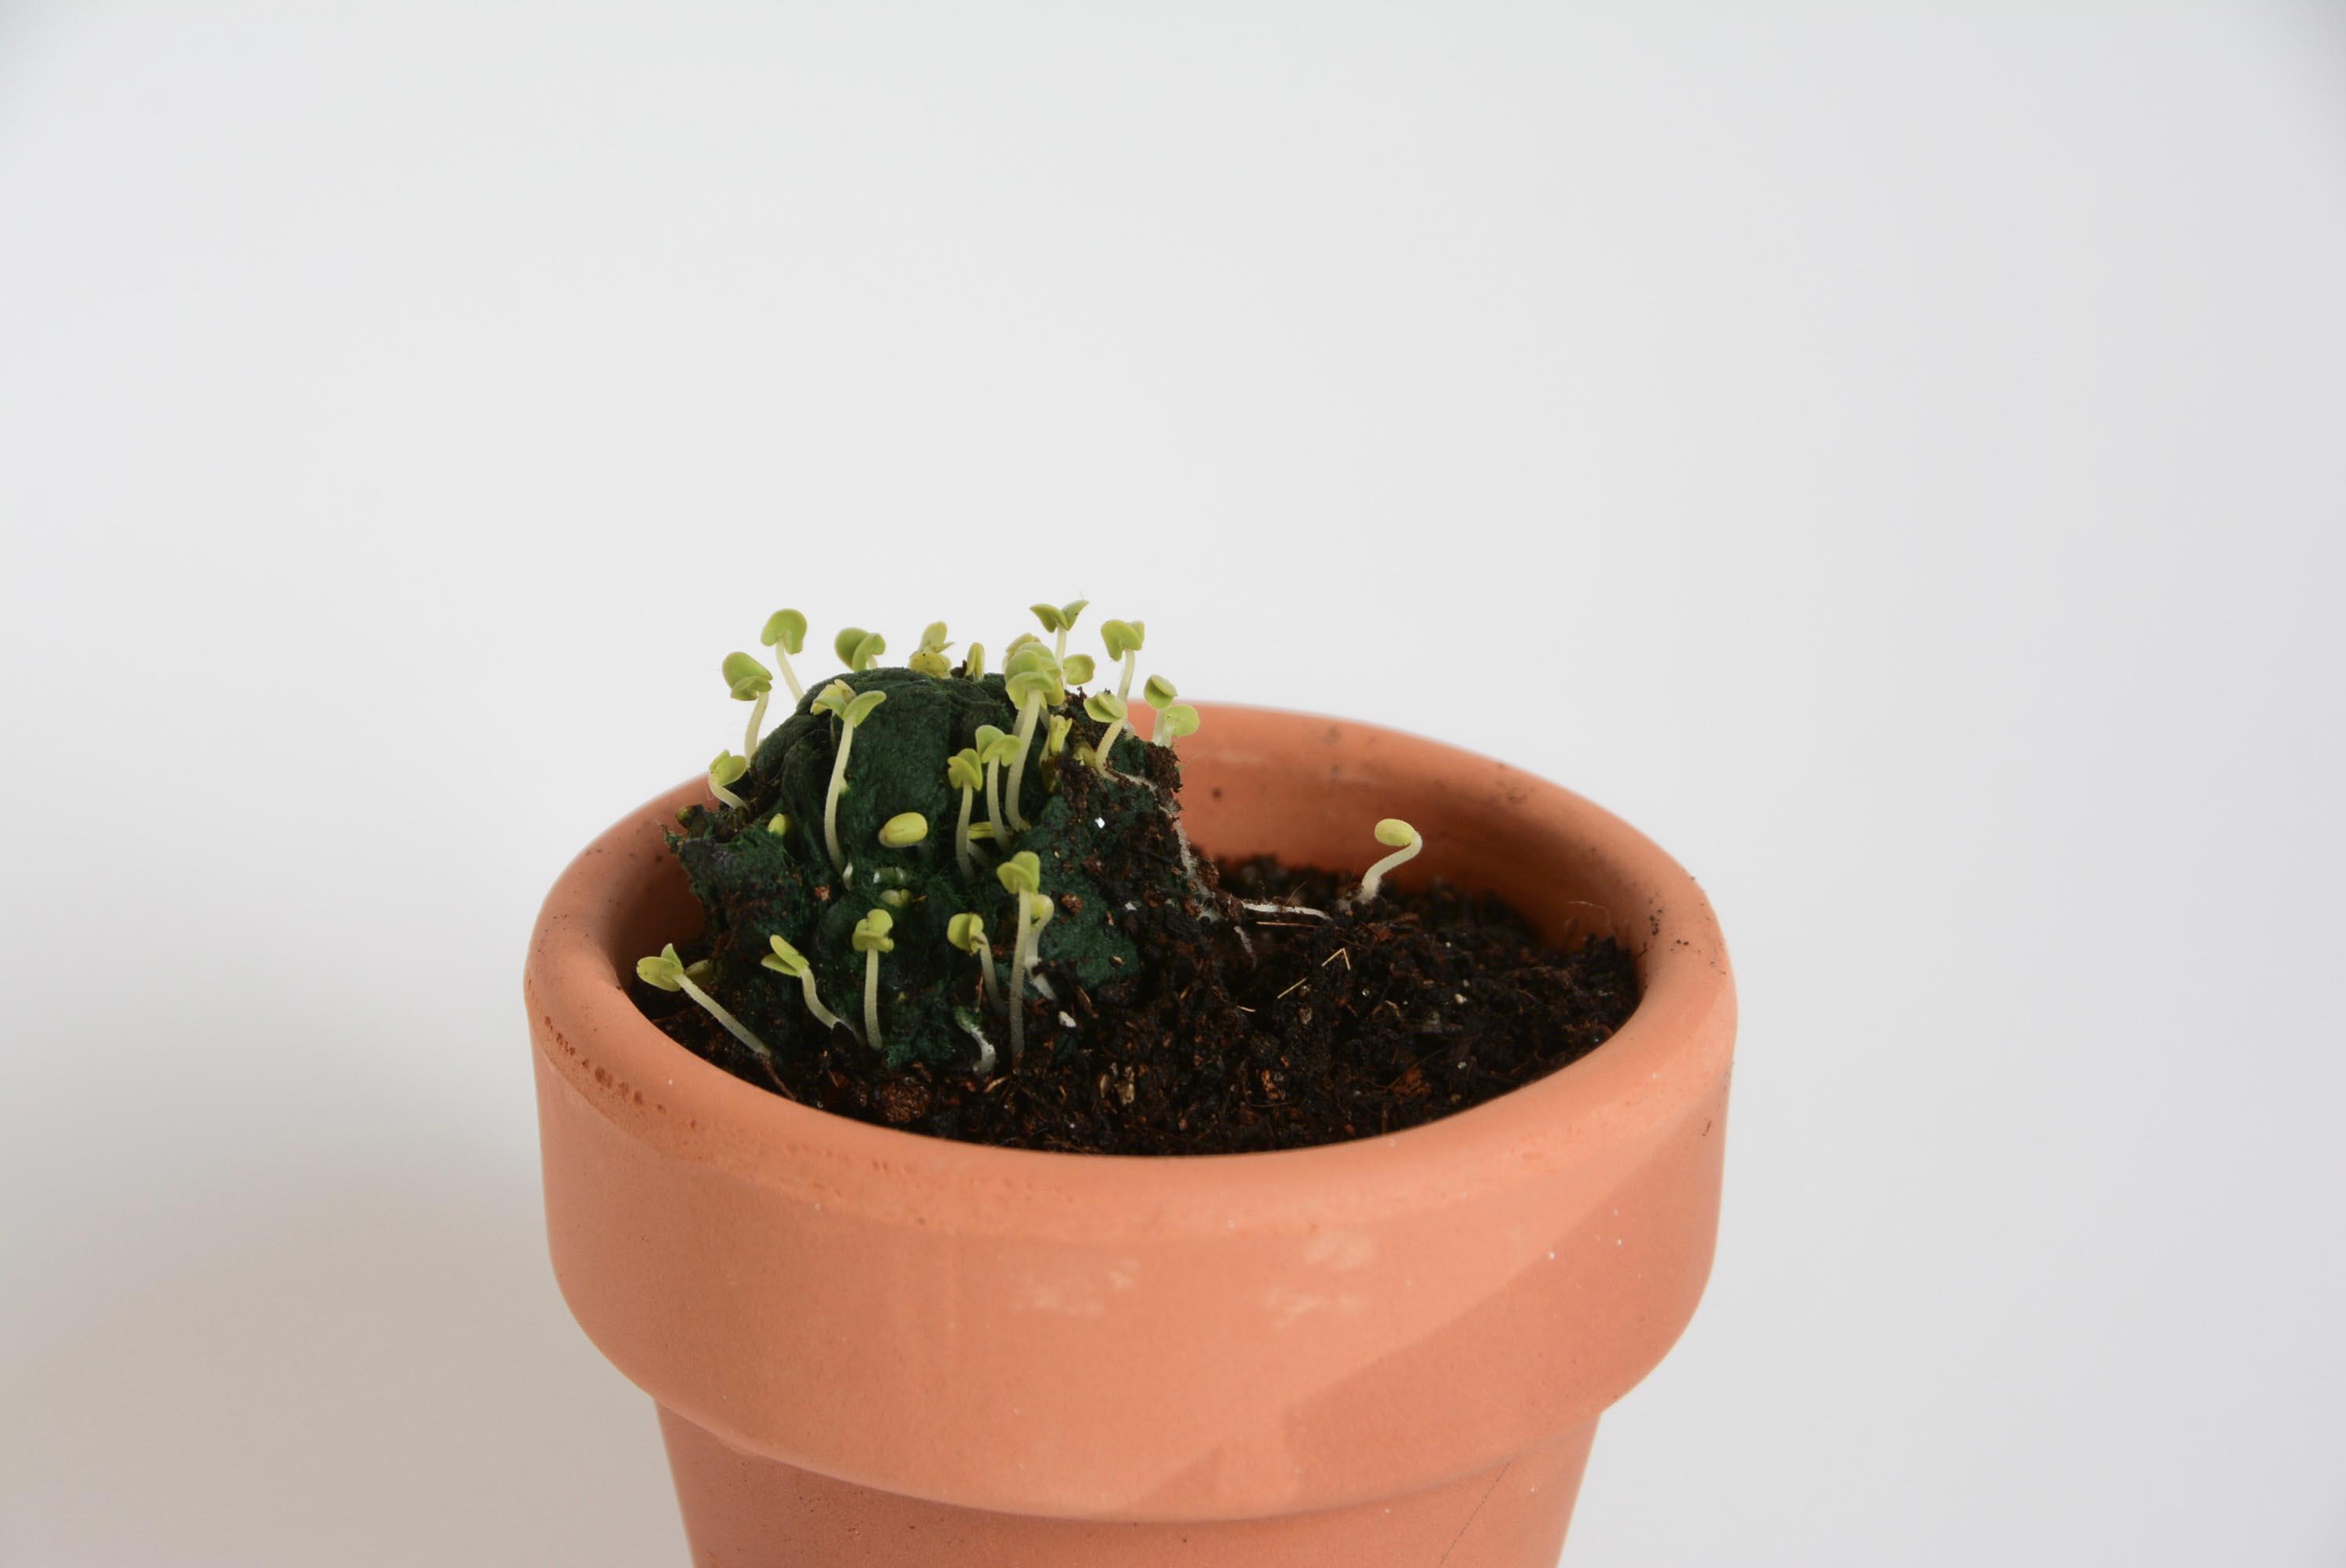 regalo de empresa plantable bomba de semillas germinando